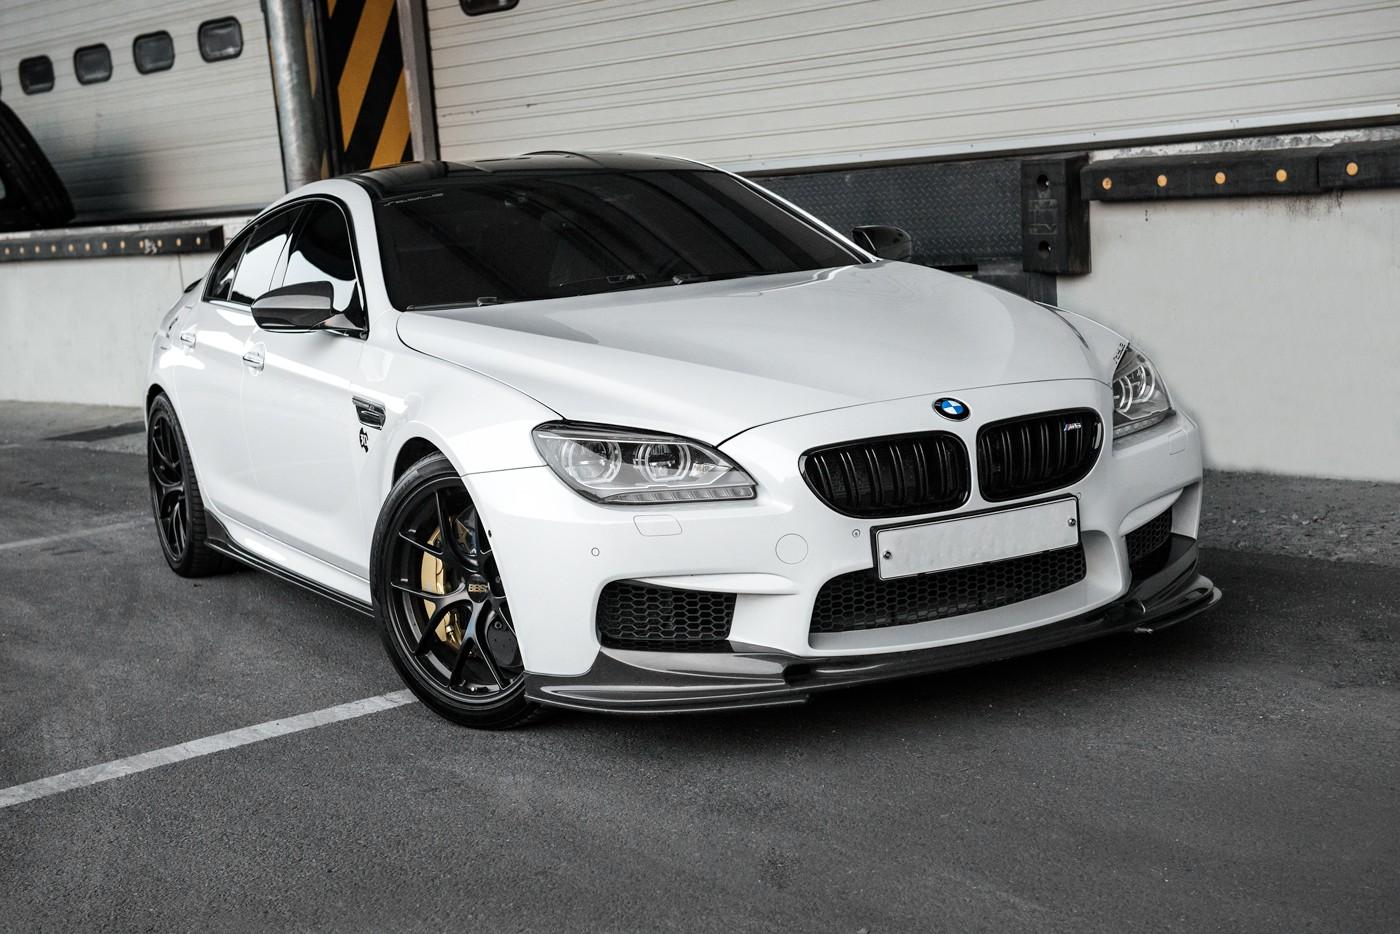 3d Design Bmw M6 Gran Coupe Shows Promise Autoevolution